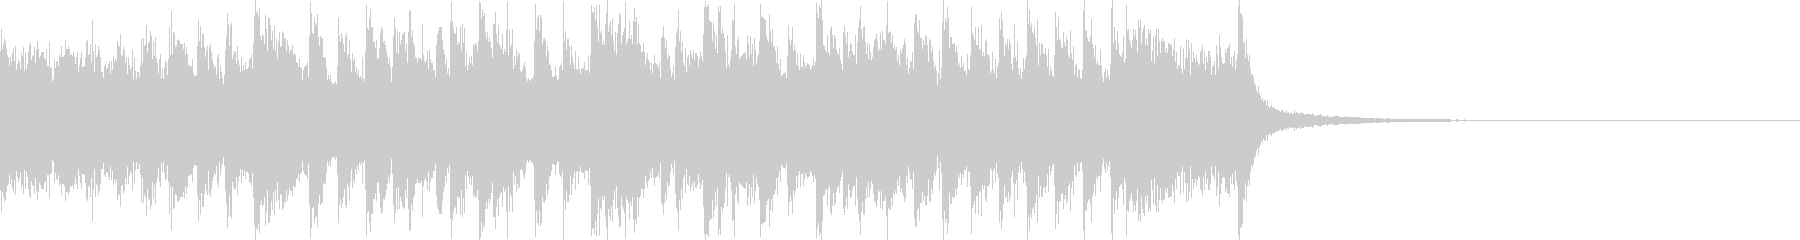 クイズの考え中、シンキングタイム用BGMの未再生の波形